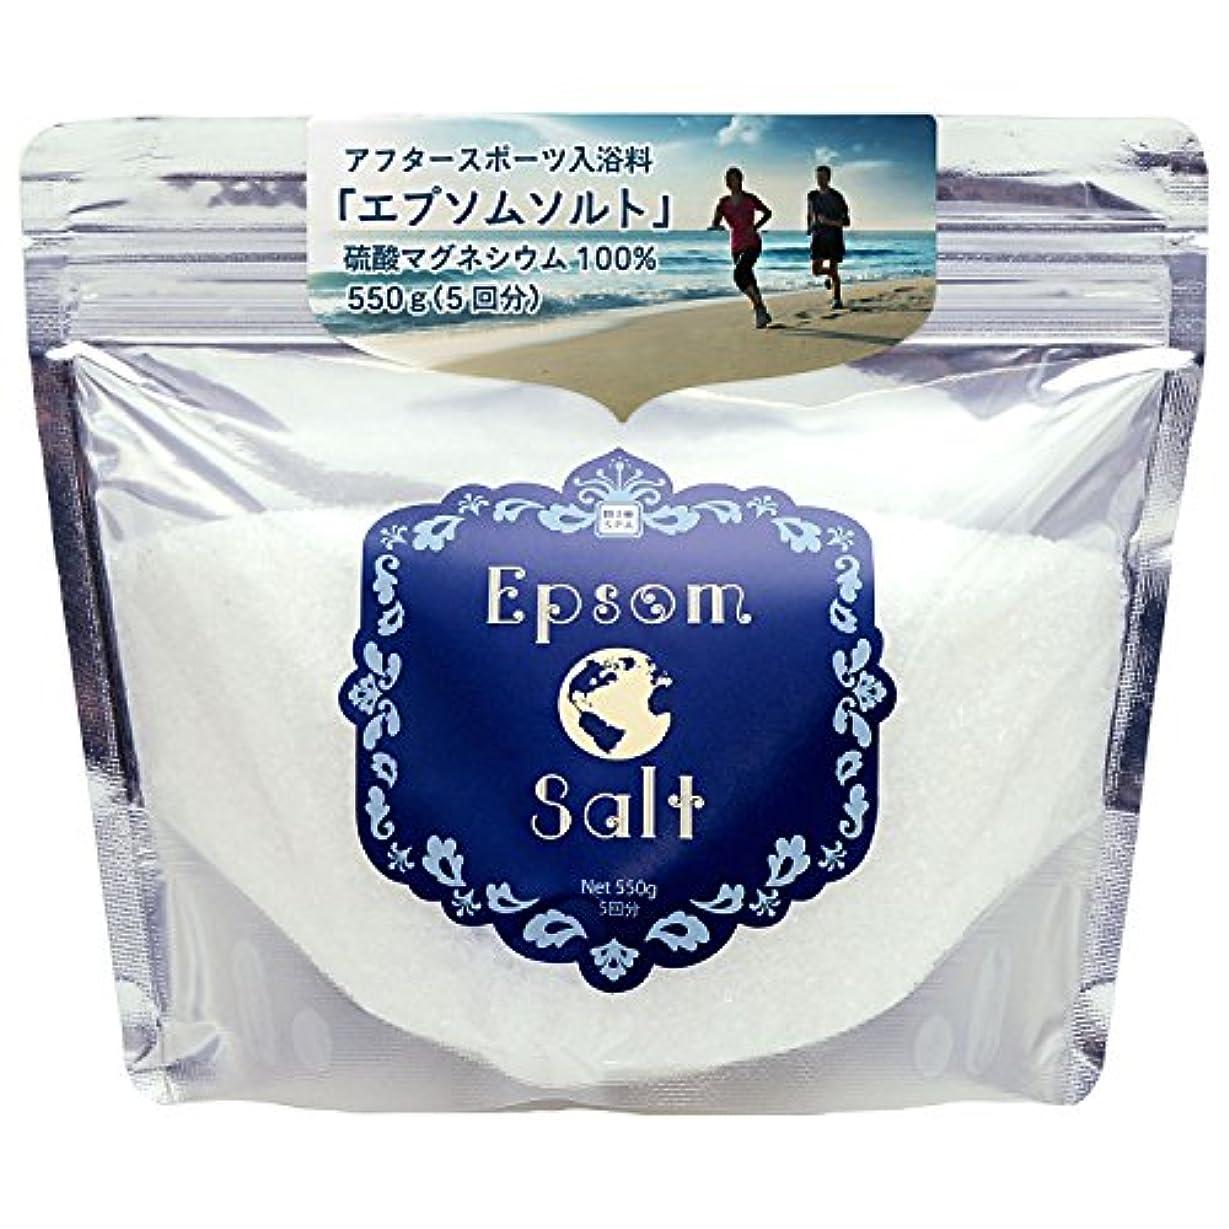 メロン吐き出すブランクBIOSPA(ビオスパ) 入浴剤 エプソムソルト スポーツエディション 550g 約5回分 軽量スプーン付 EBS402